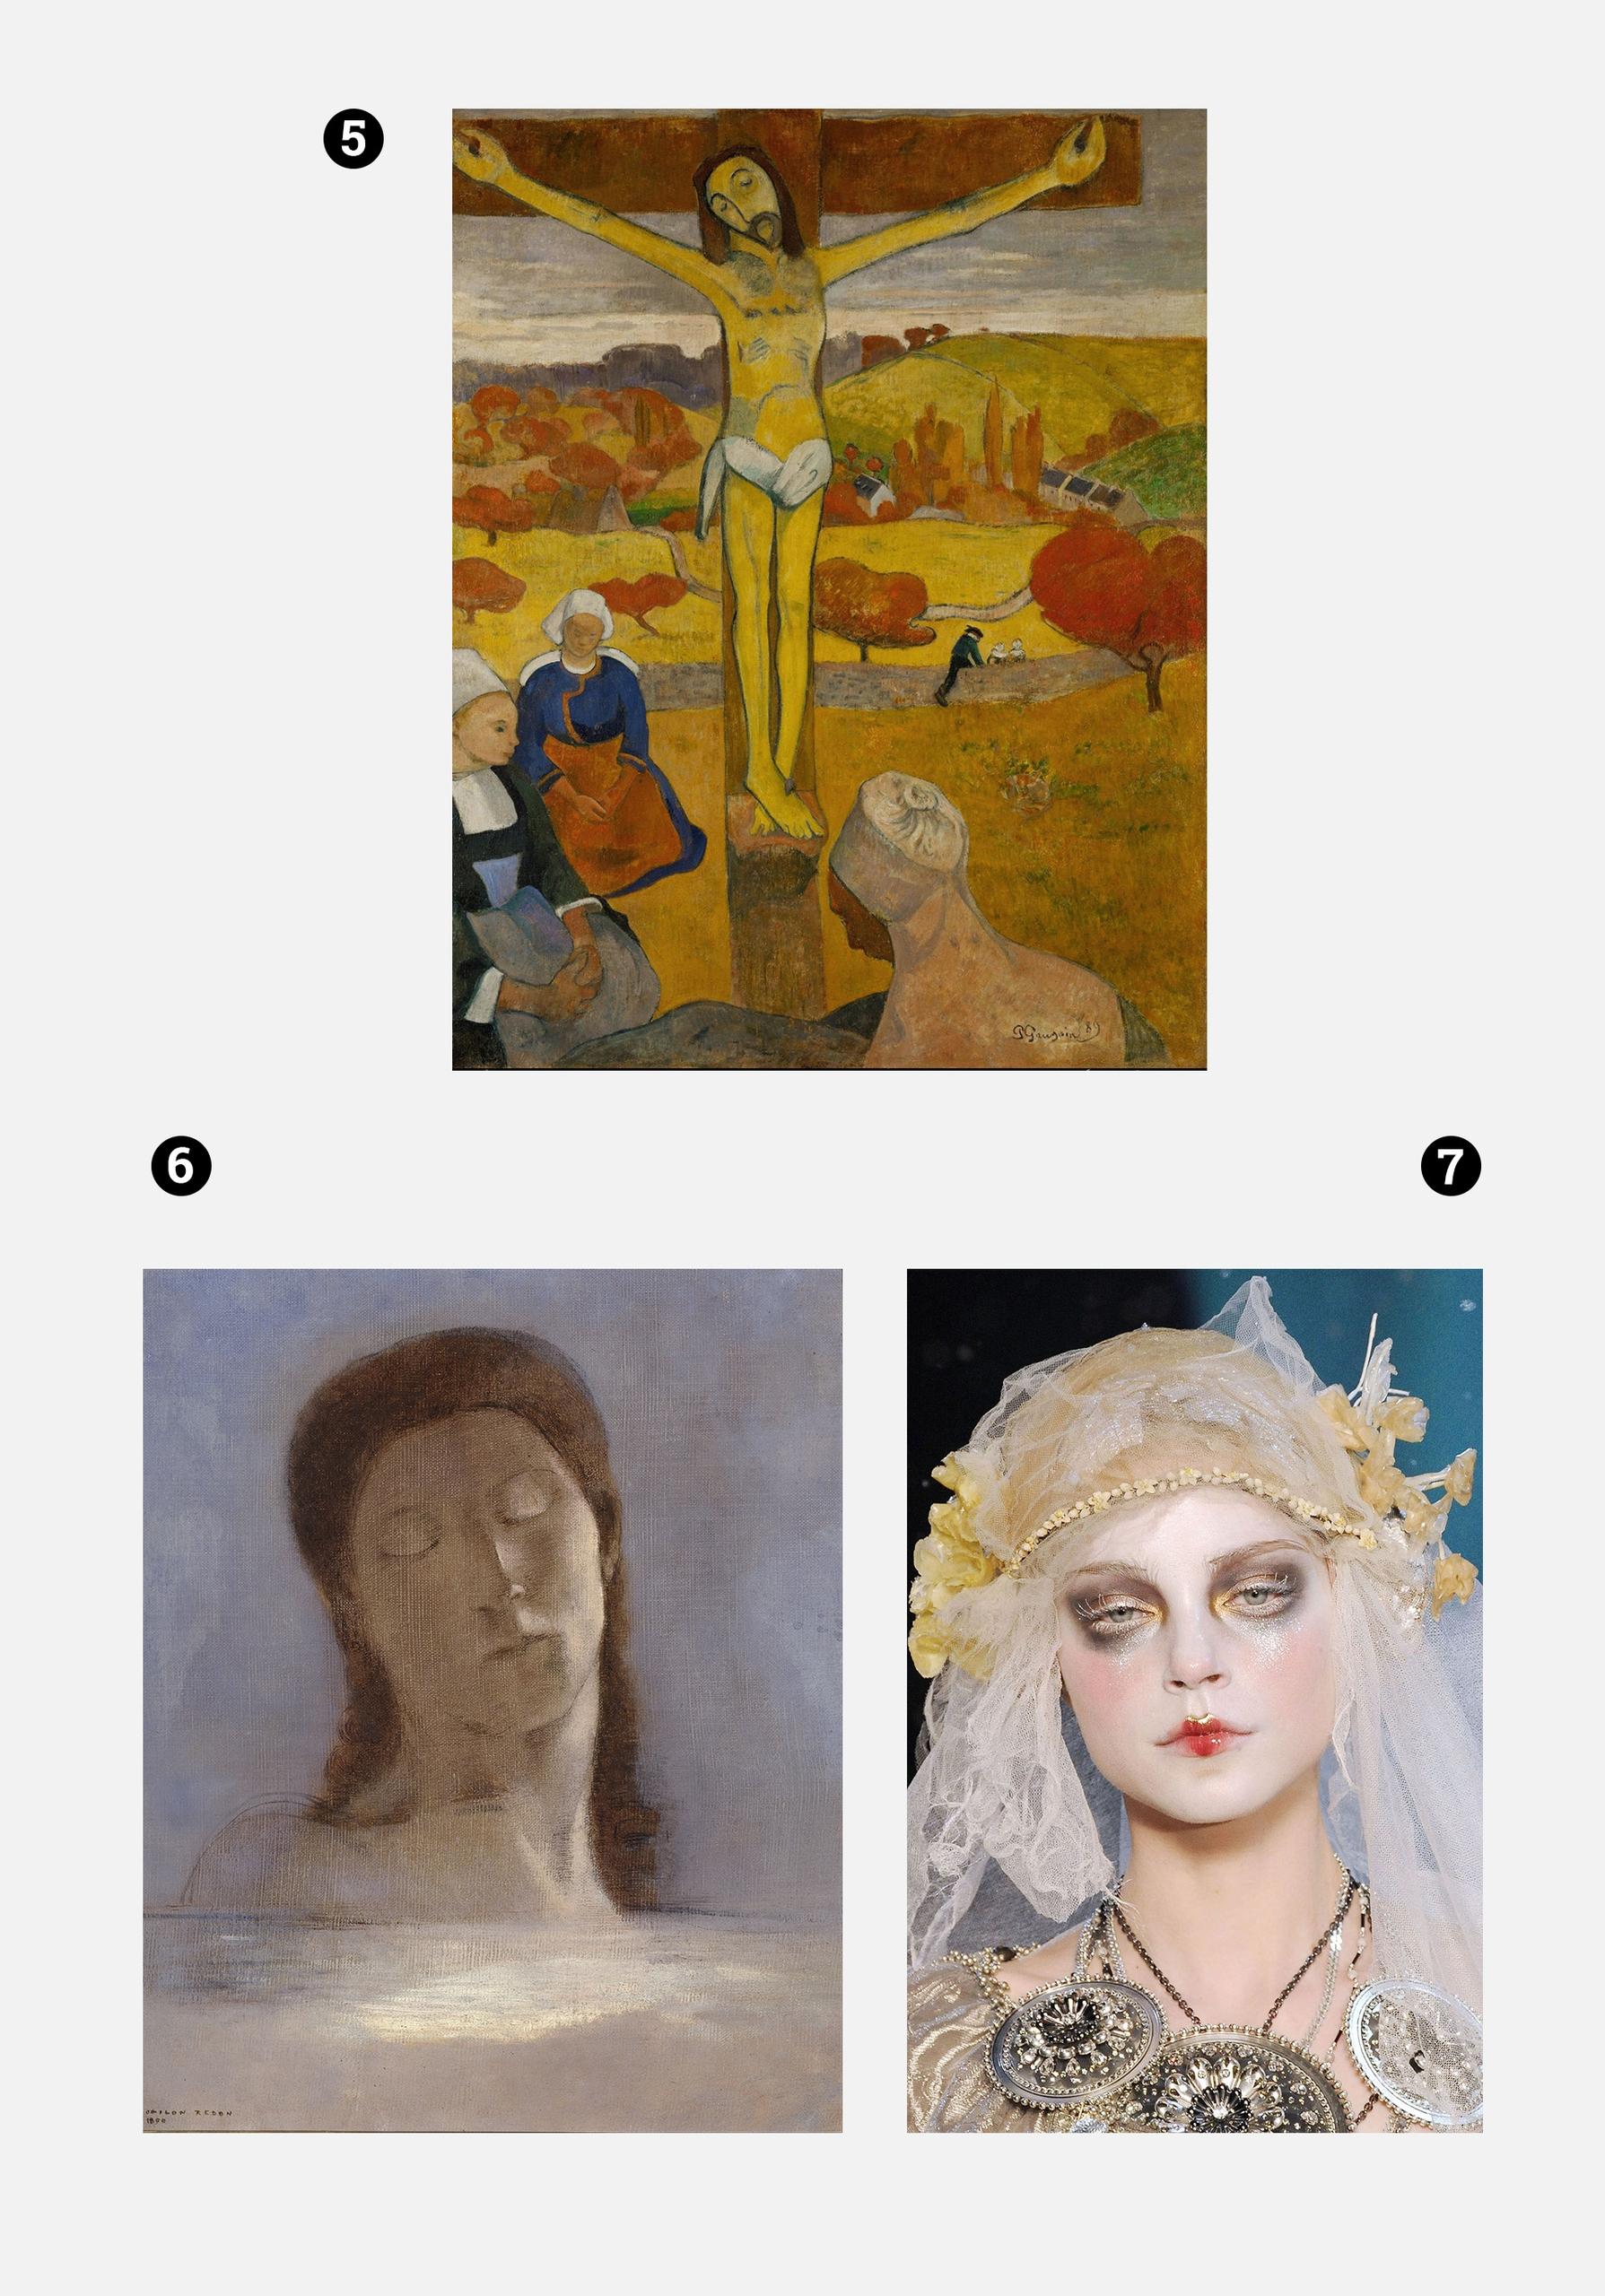 Obraz przedstawia dwa zdjęcia obrazów znanych artystów i jedno zdjęcie twarzy kobiety w makijażu. Wszystko na szarym tle.